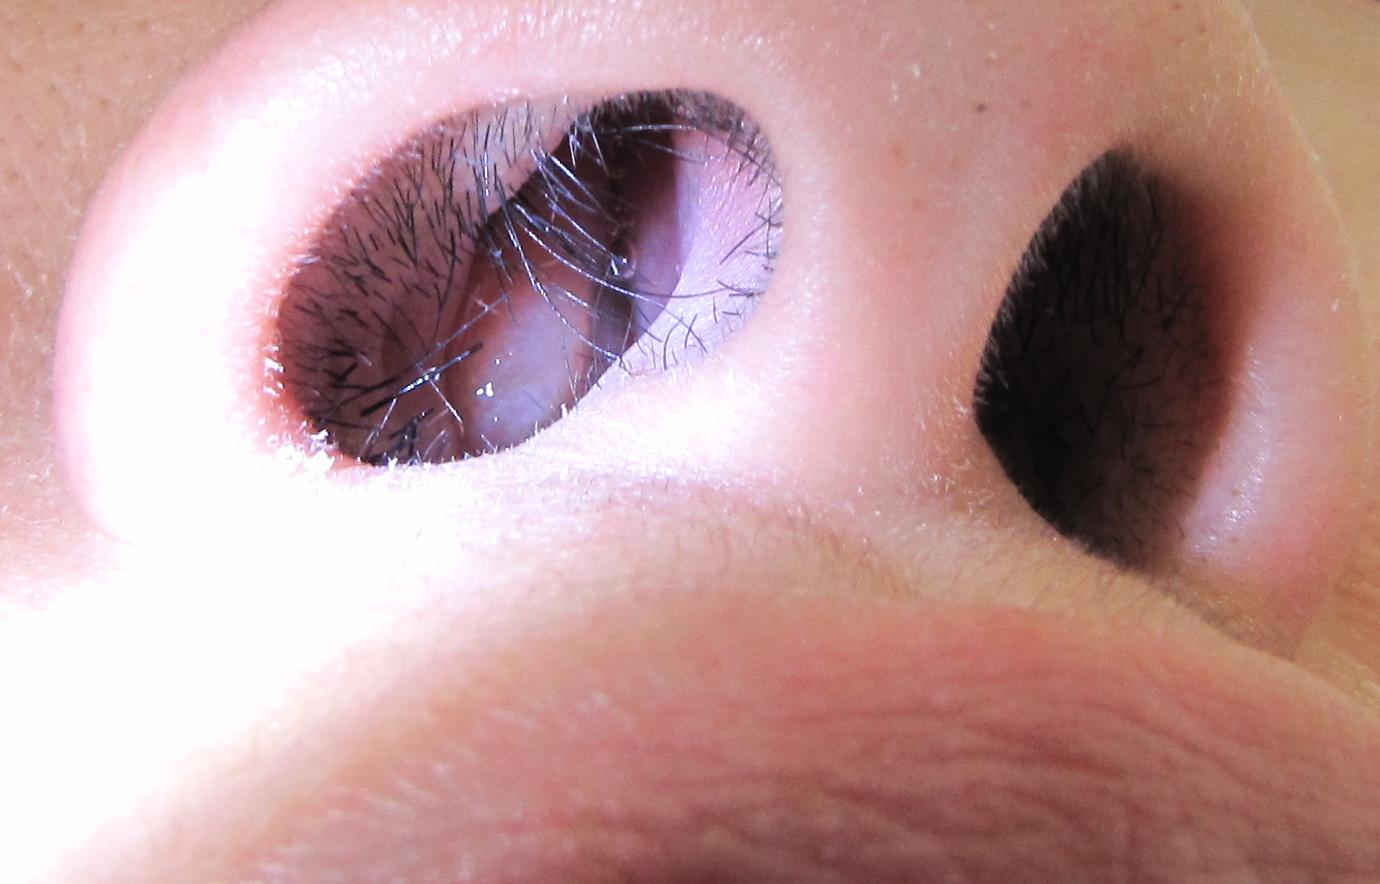 papilloma nasal icd 10